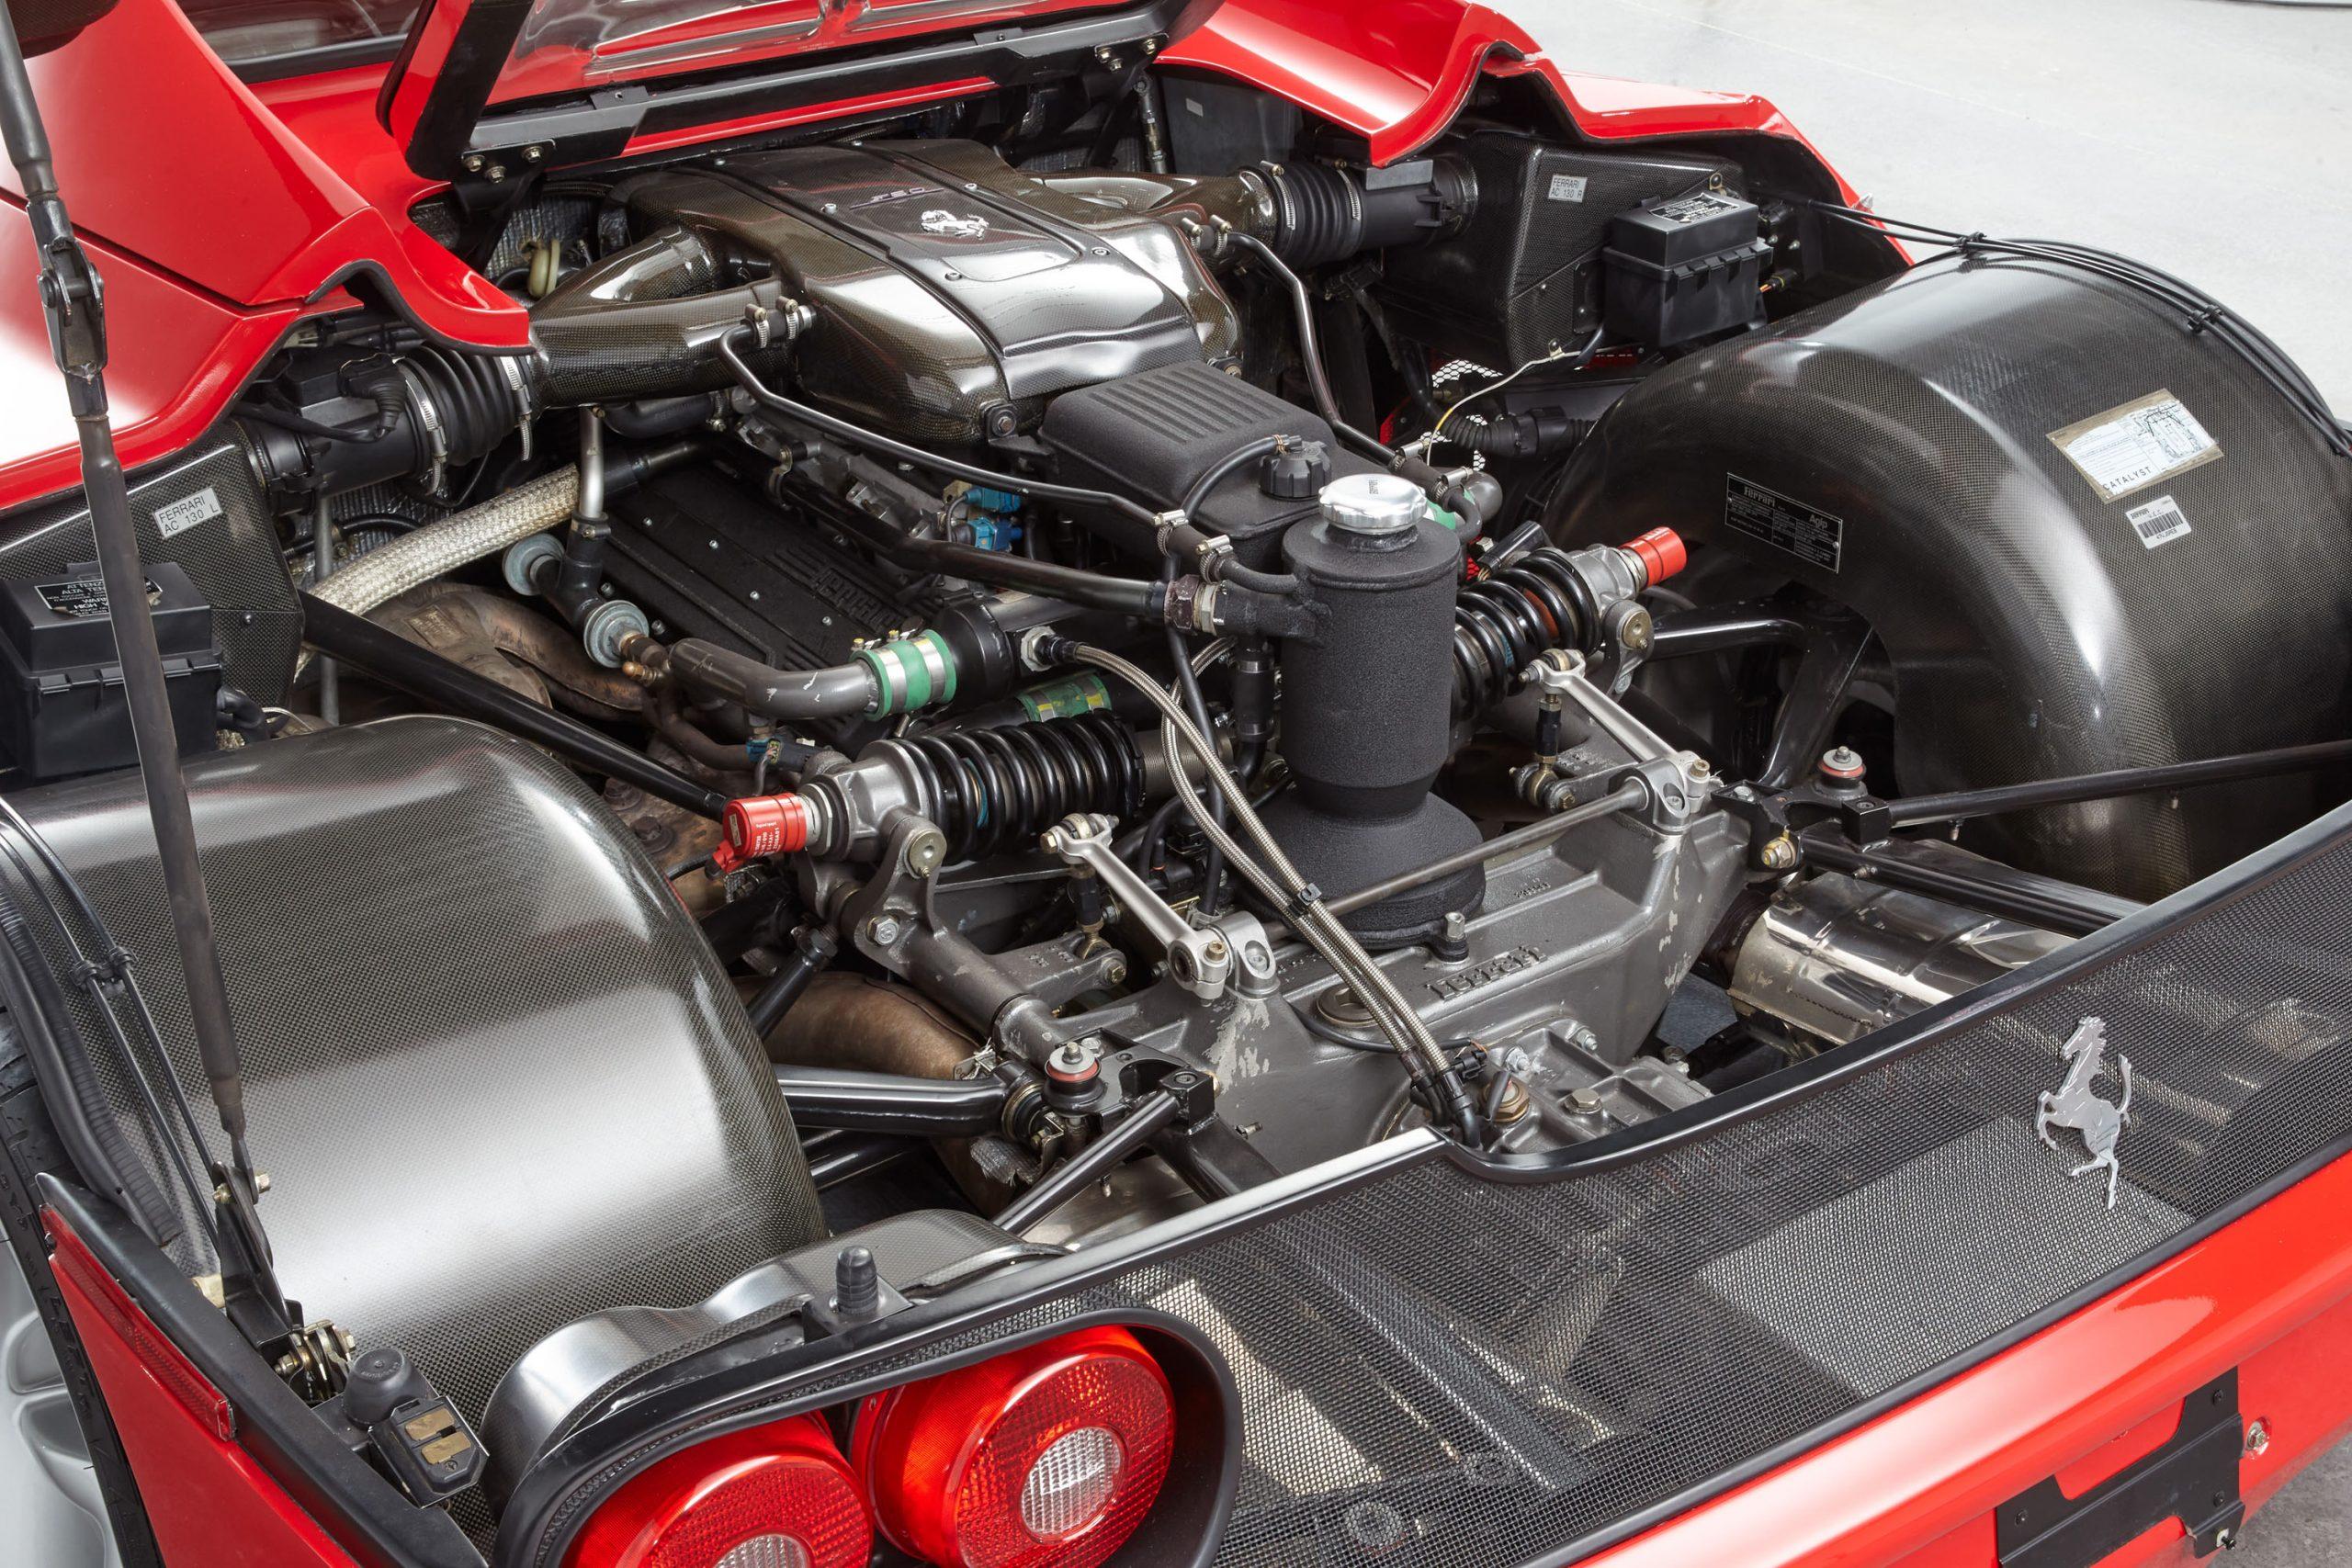 1995 Ferrari F50 engine bay